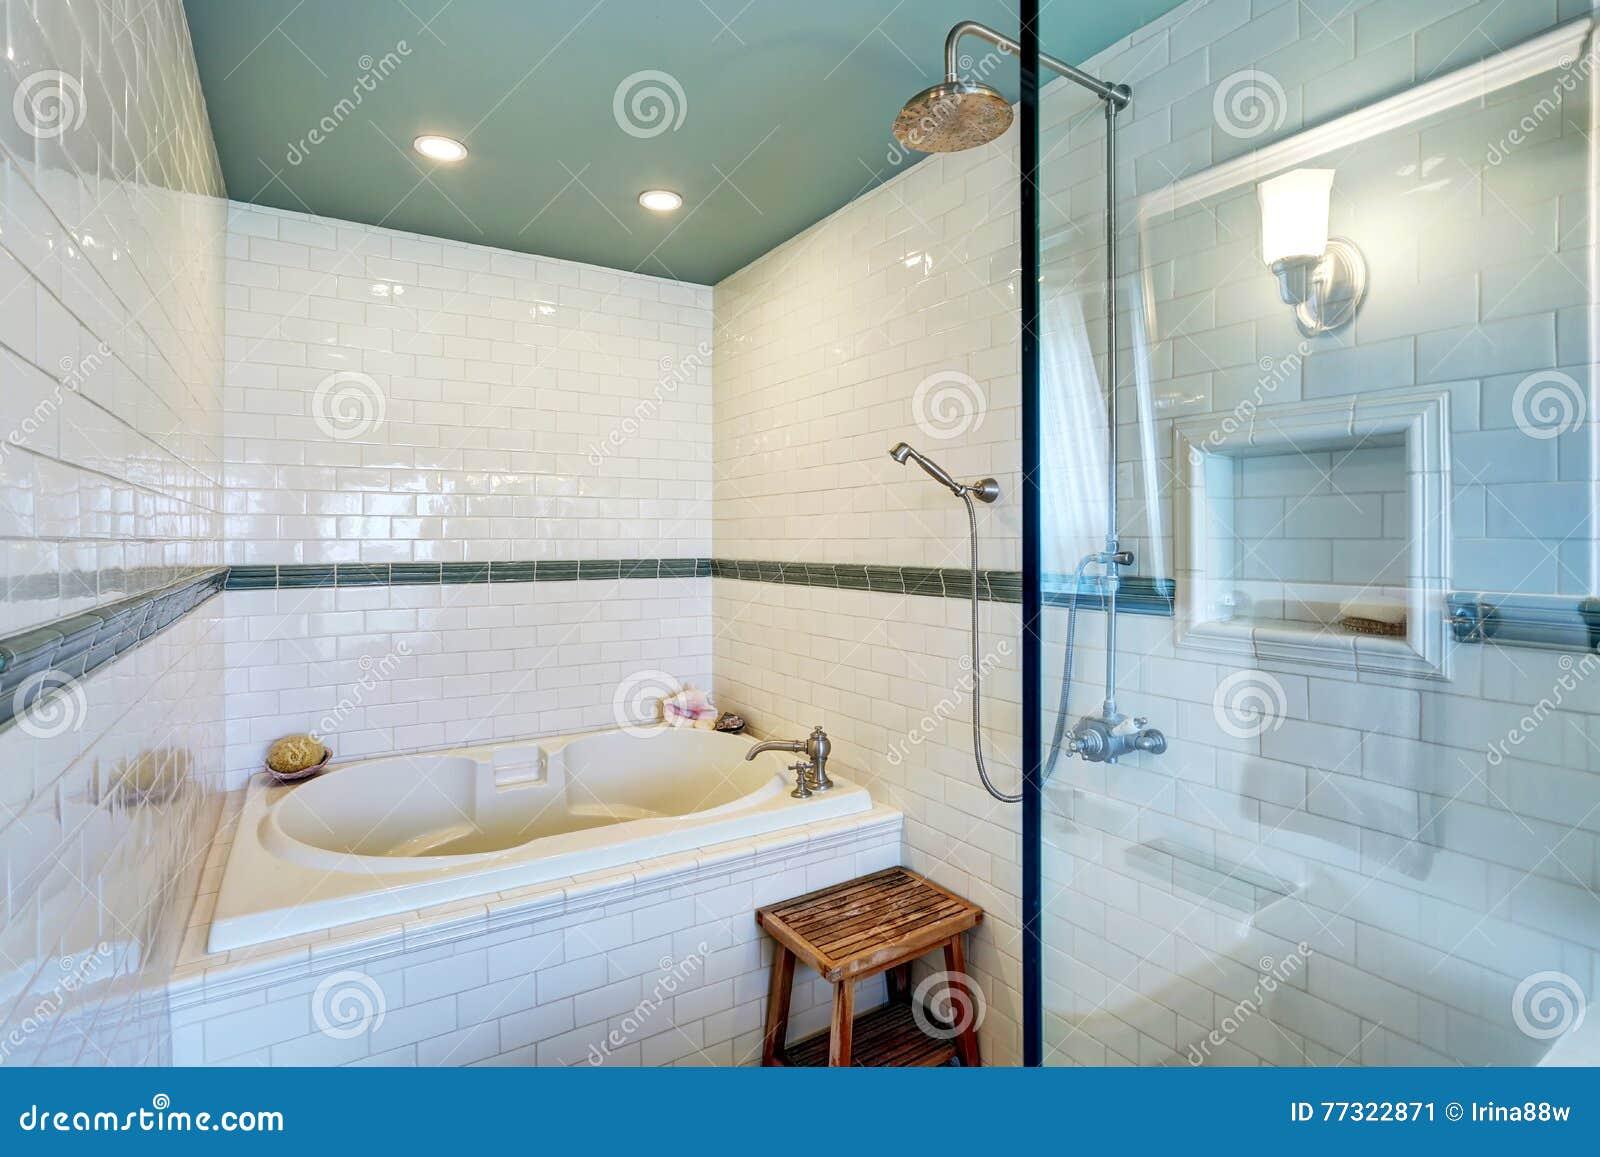 Blauer Badezimmerinnenraum mit weißer Fliesenordnungswand, Glaskabinendusche und Badewanne